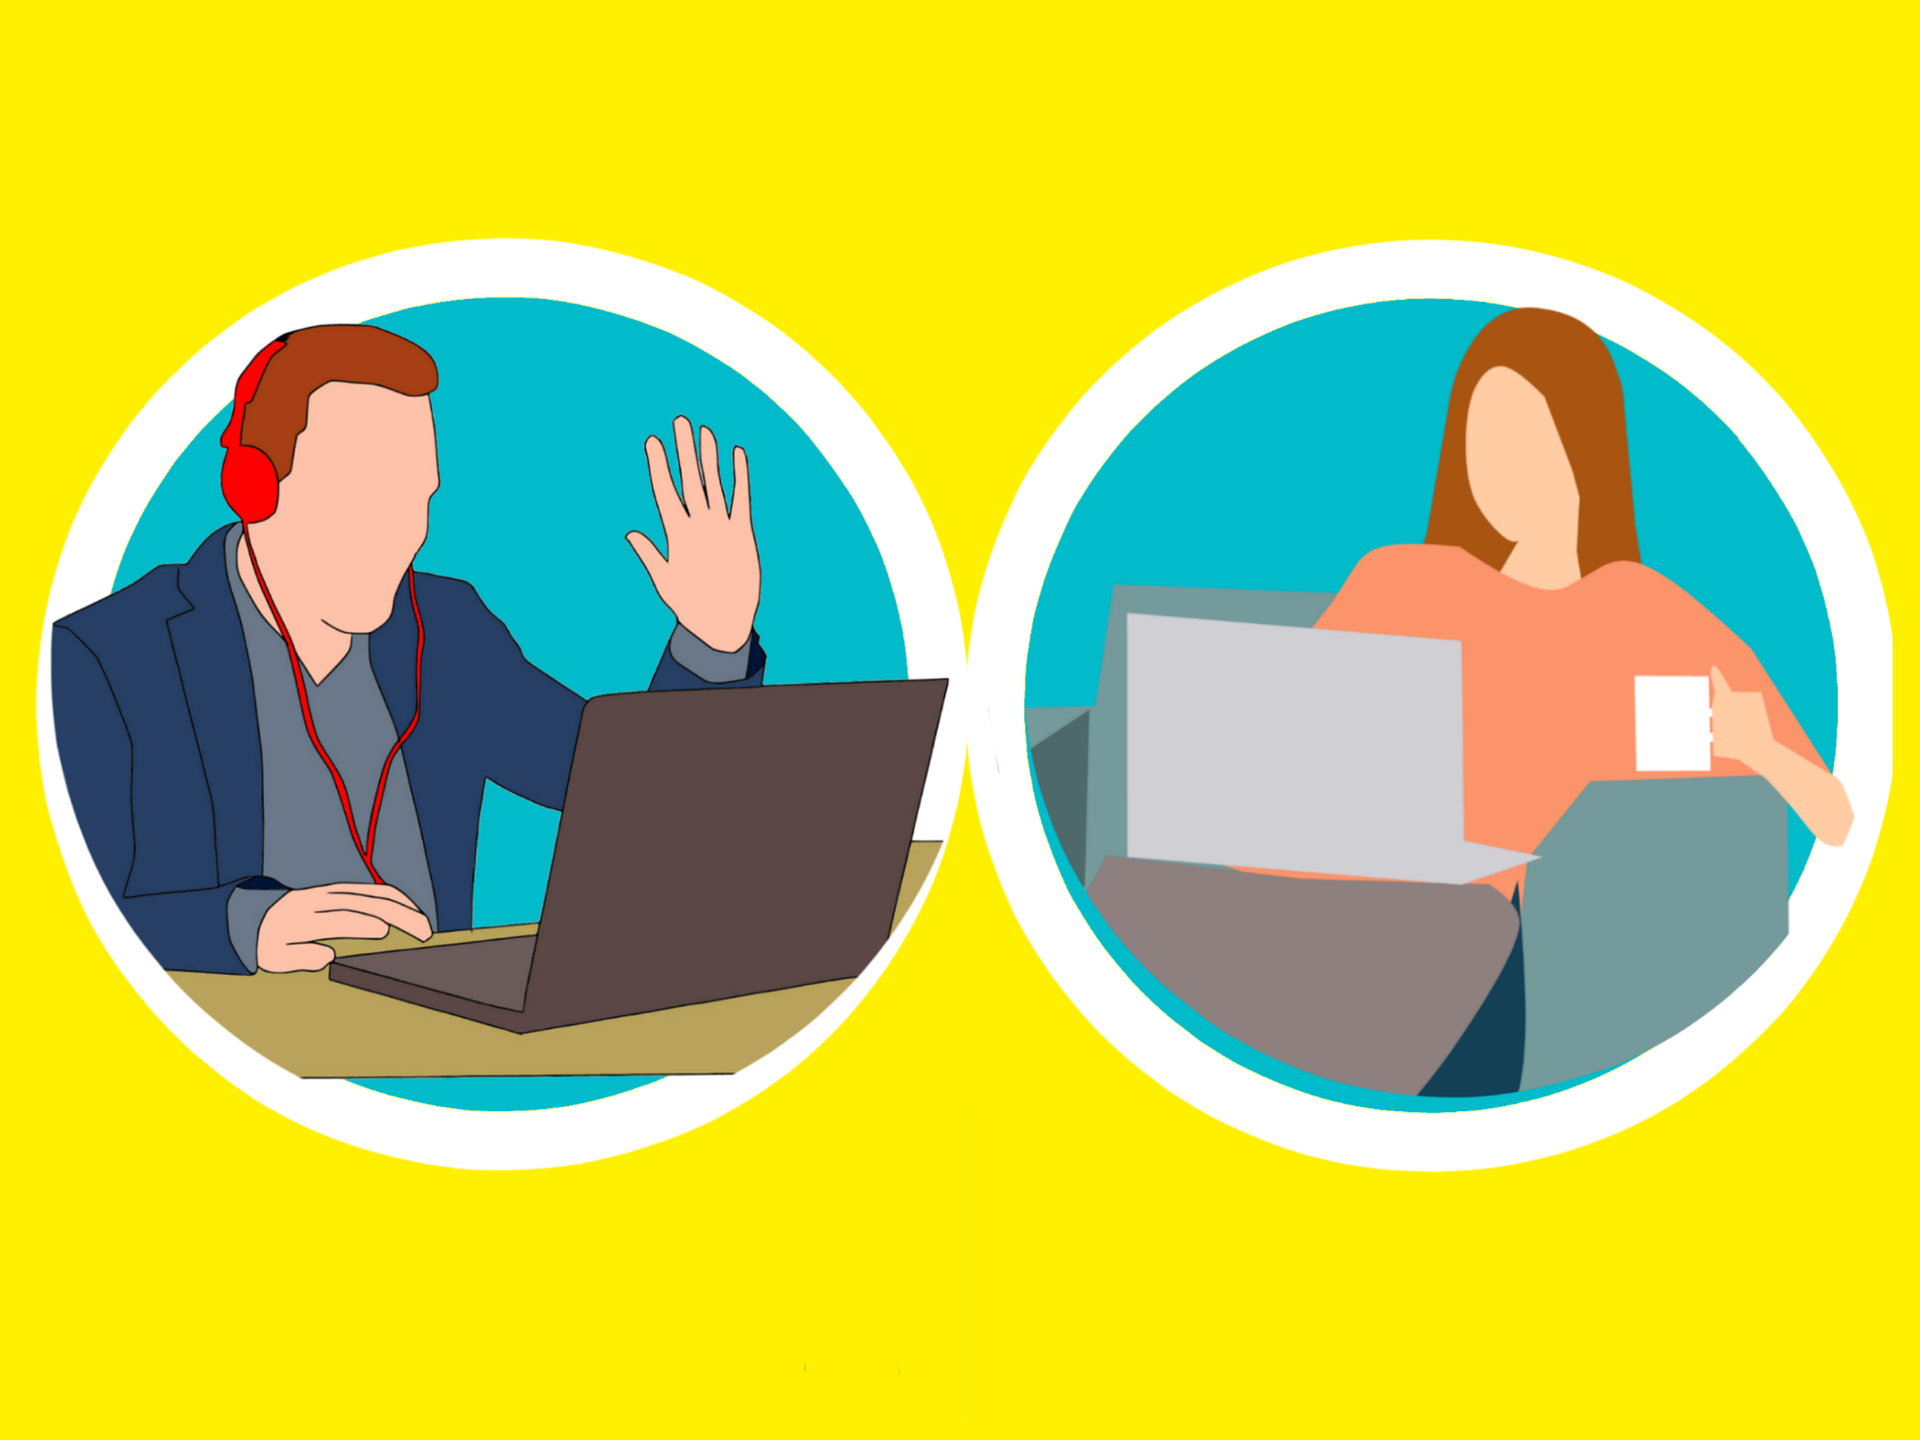 Как подготовиться к удаленному собеседованию? 8 полезных советов